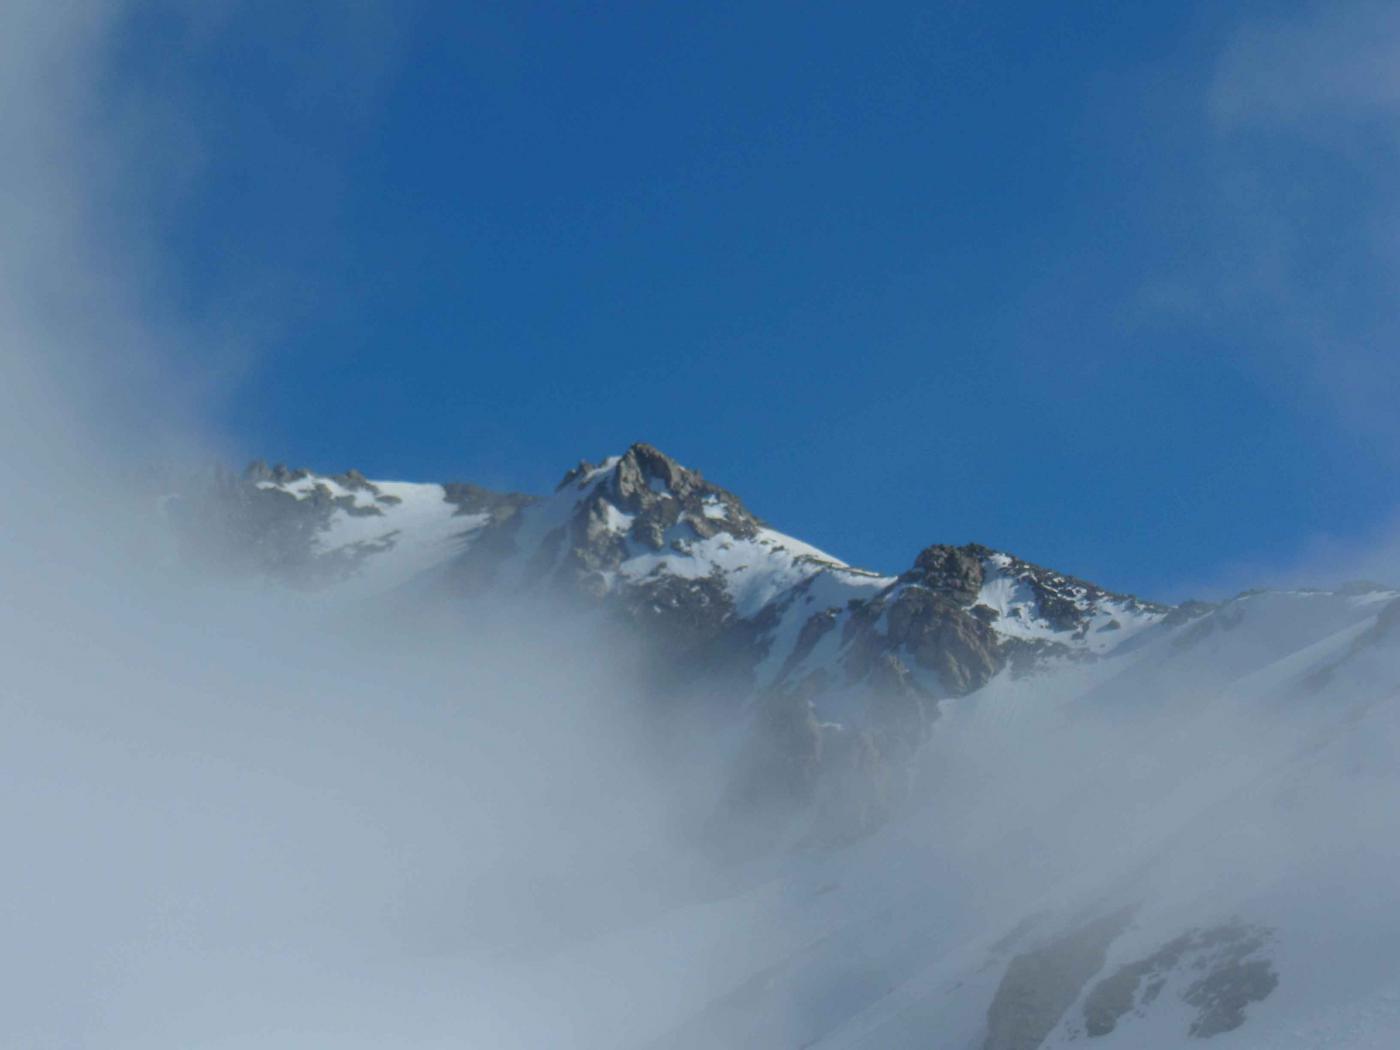 ultima visione della punta......poi solo nebbia